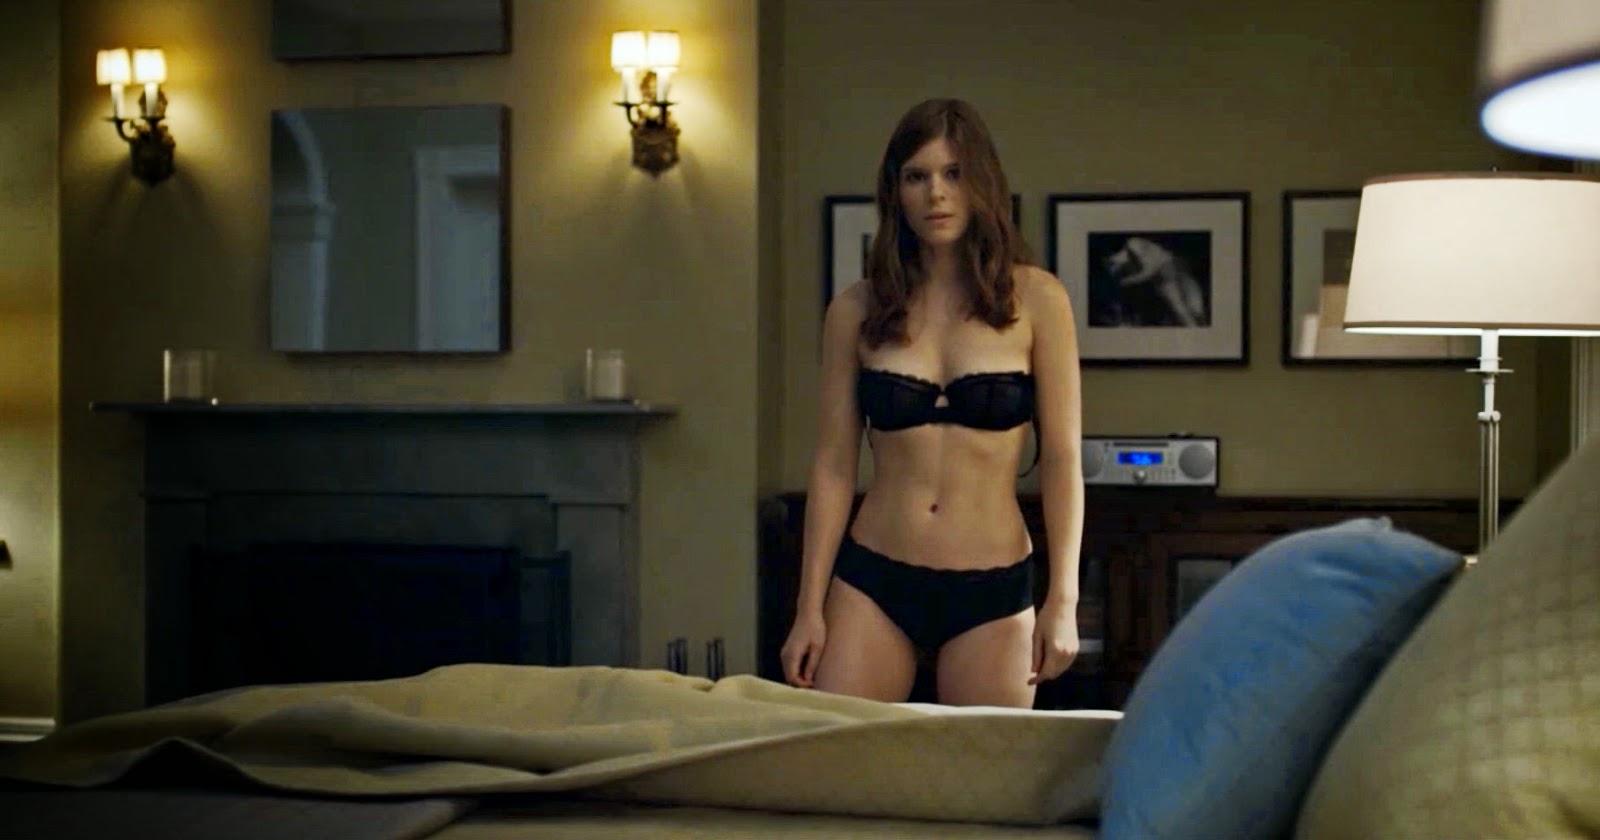 serie tv hard streaming giochi pc erotici